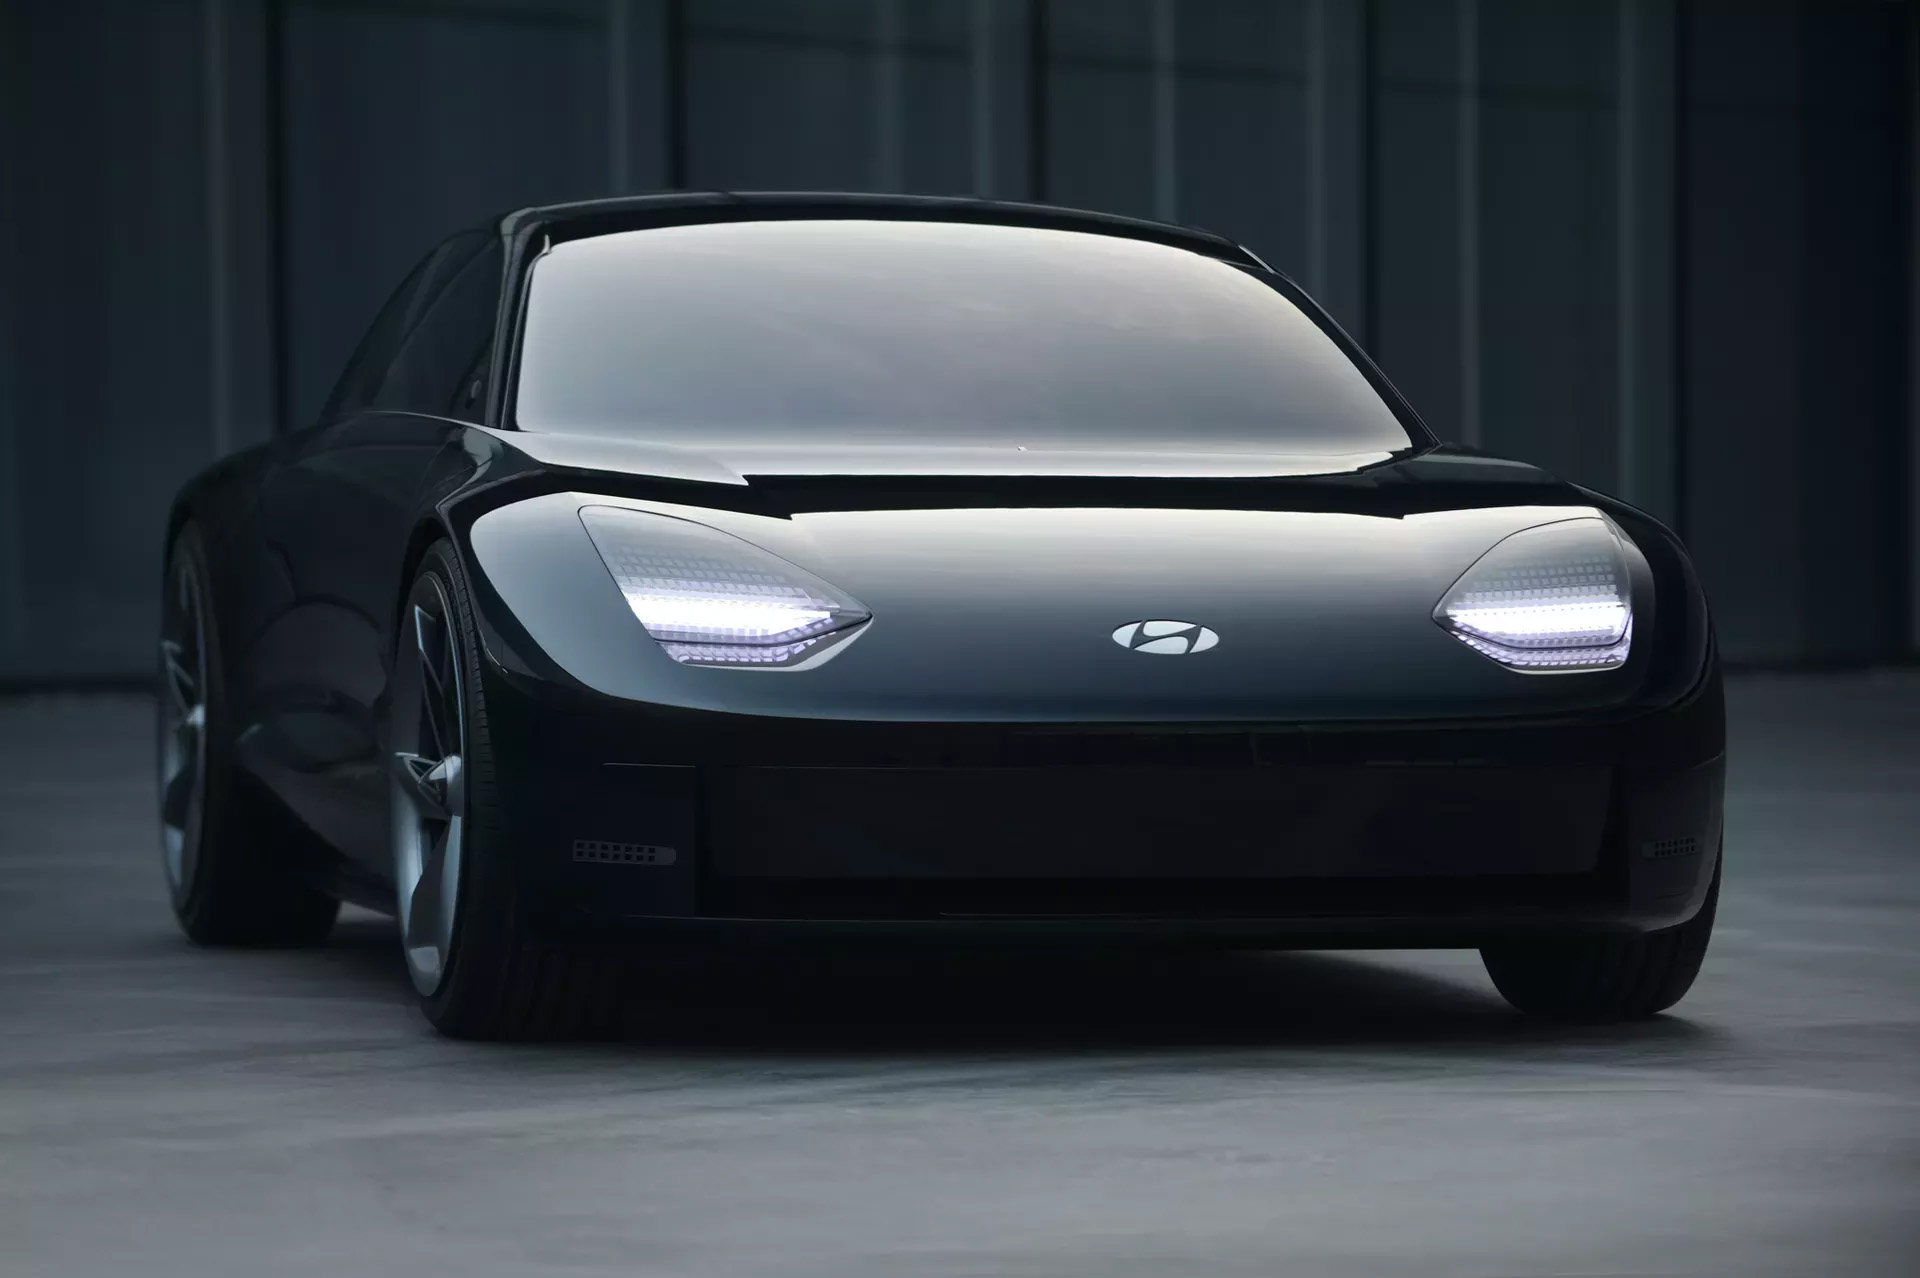 终极的汽车形式!现代运动概念车Prophecy